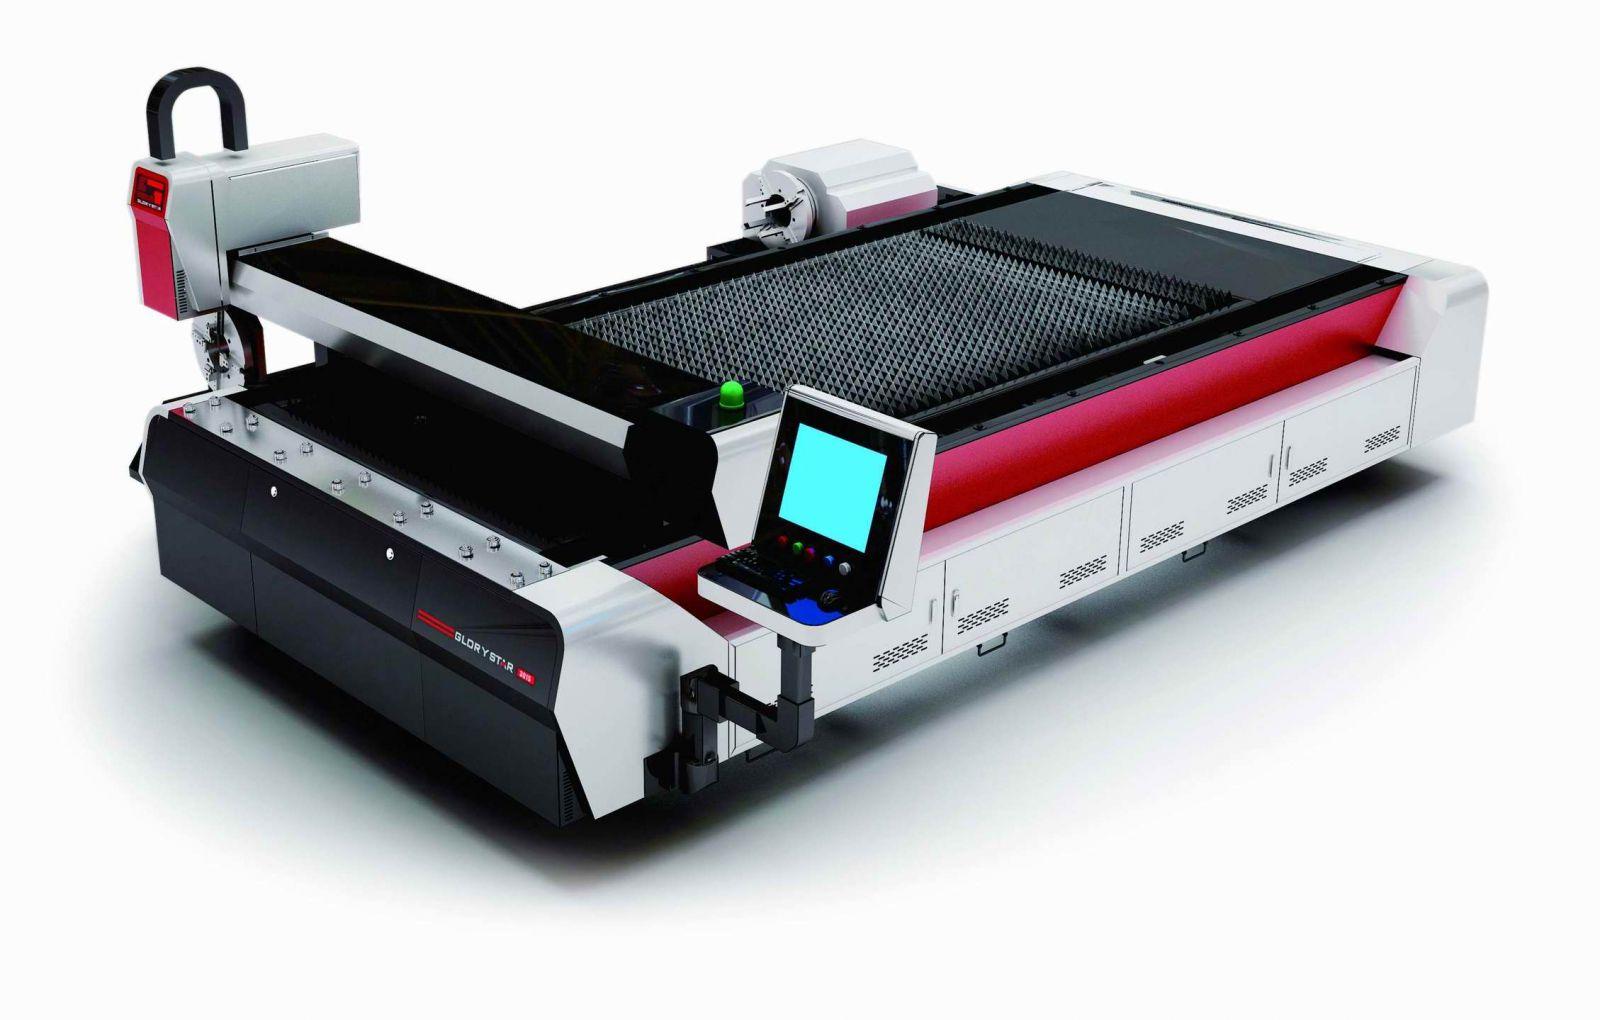 Giá Máy Cắt Laser Là Bao Nhiêu? Mua Máy Cắt Laser Ở Đâu?